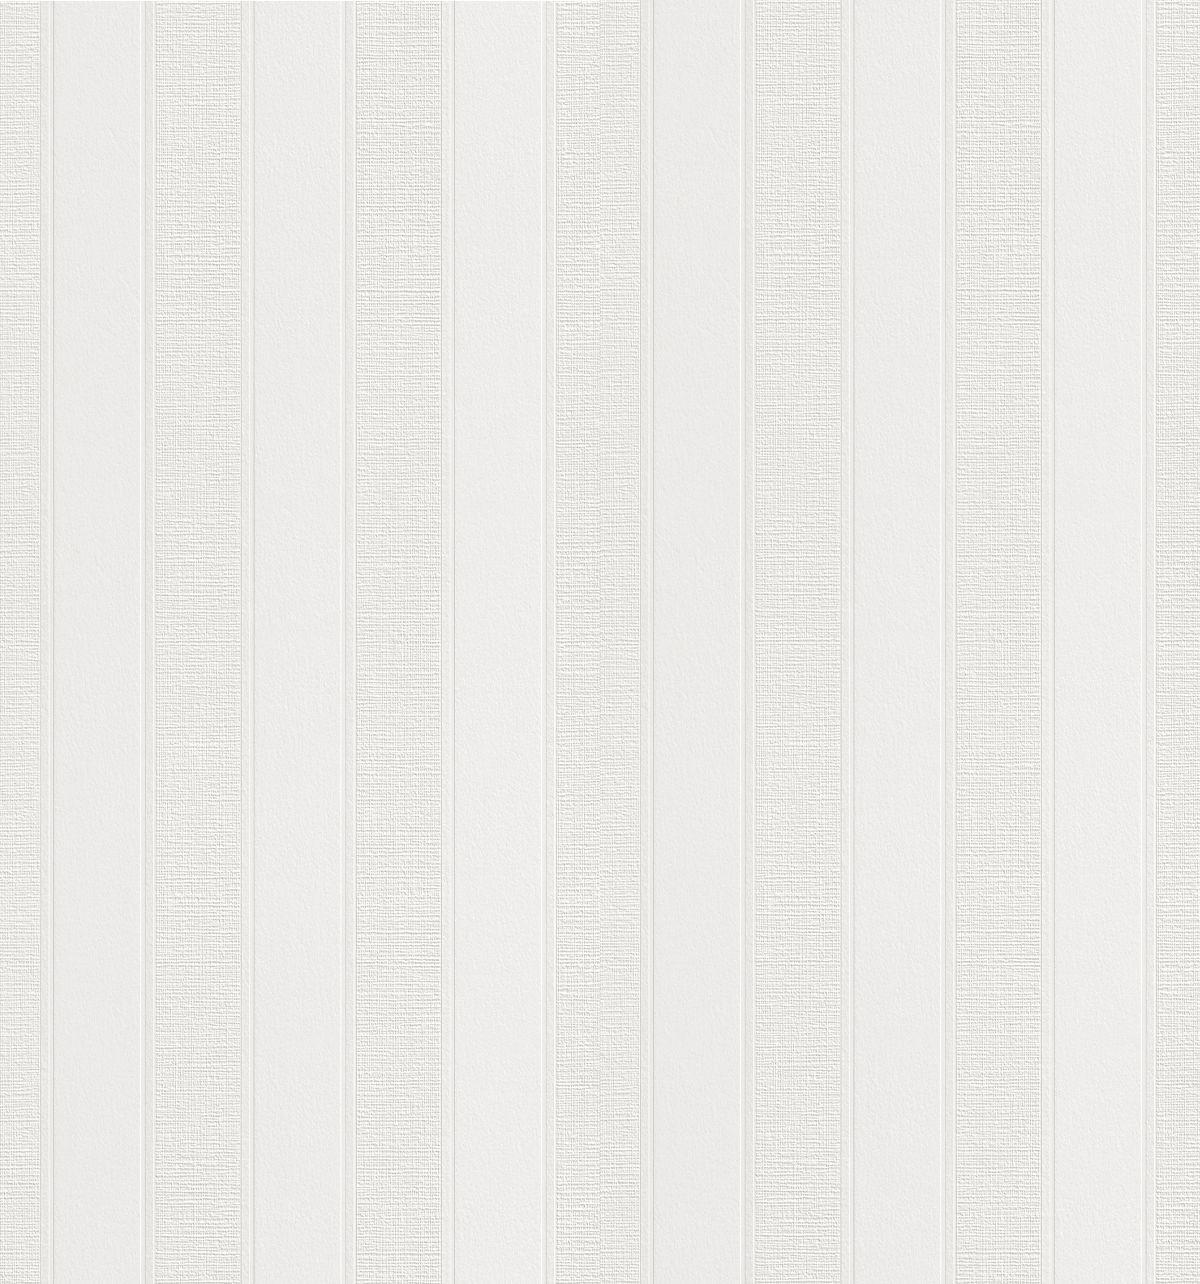 xl vlies tapete berstreichbar gro rolle blockstreifen 141818. Black Bedroom Furniture Sets. Home Design Ideas